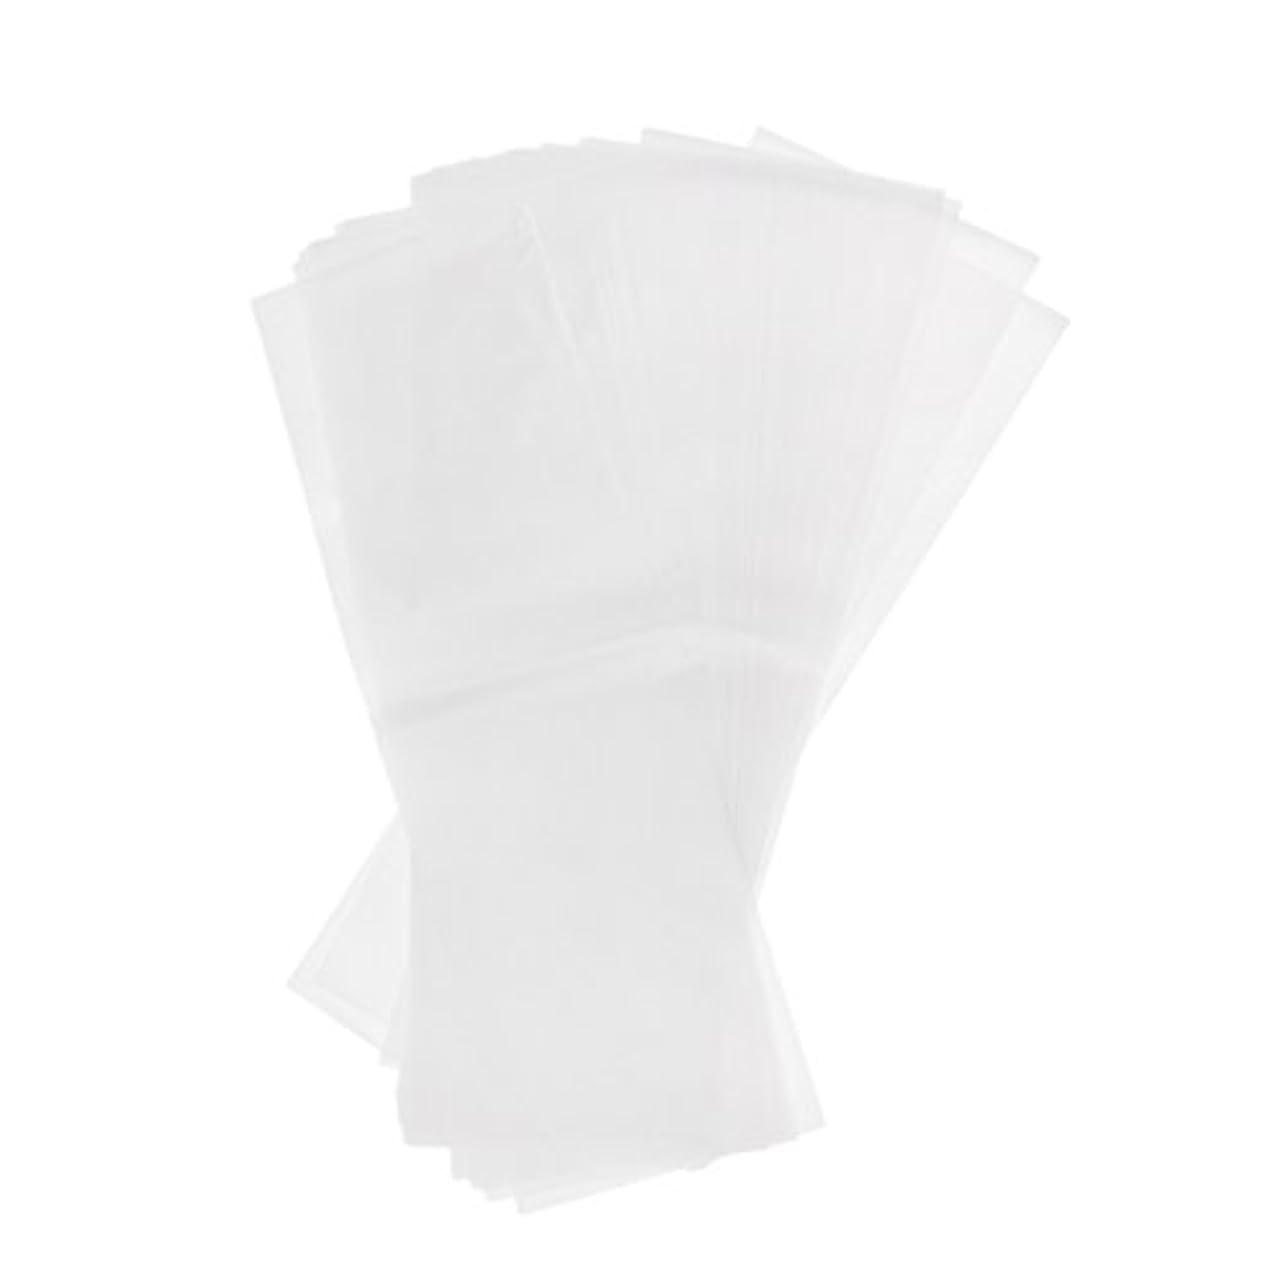 下着ブルジョンアボートヘアカラー 毛染め 分版用紙 ハイライトシート 毛染め紙 再利用可能な 透明 2仕様選べ - ホワイト